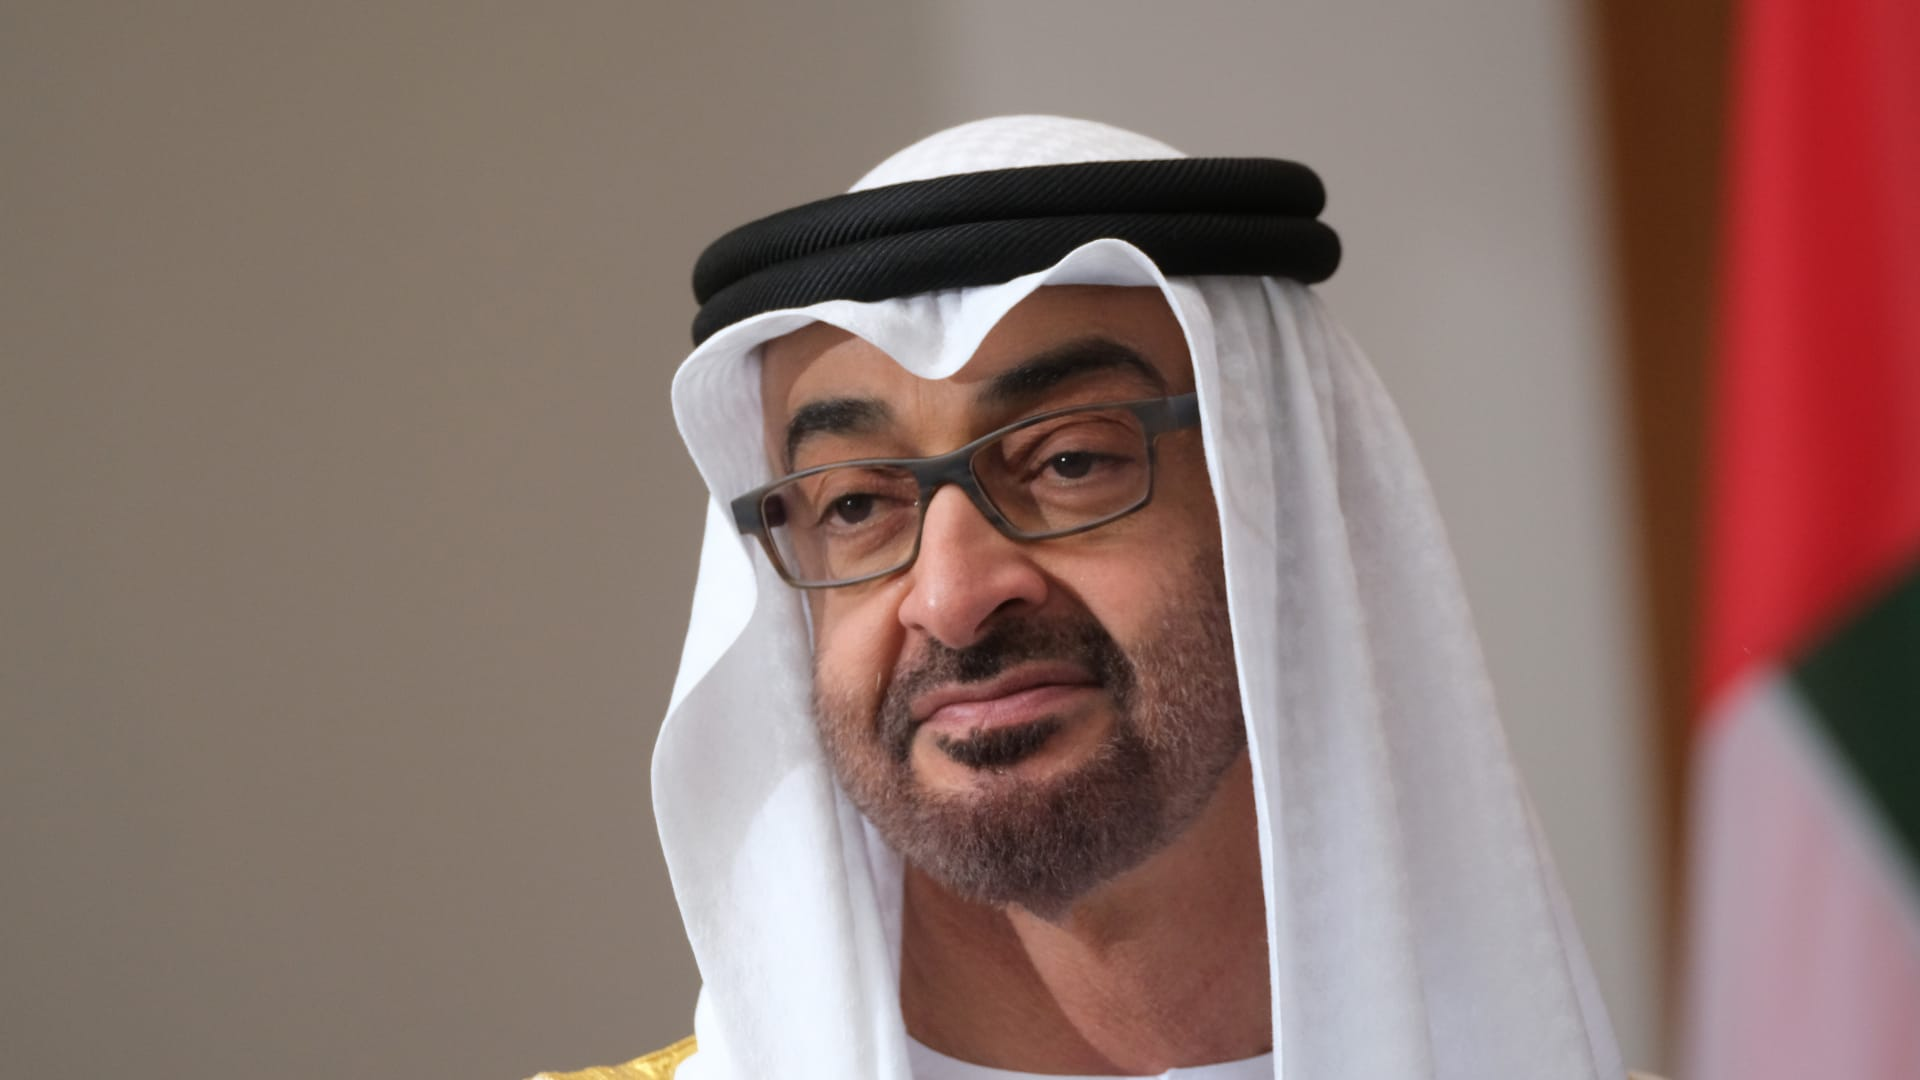 الشيخ محمد بن زايد ولي عهد أبوظبي نائب القائد الأعلى للقوات المسلحة الإماراتية